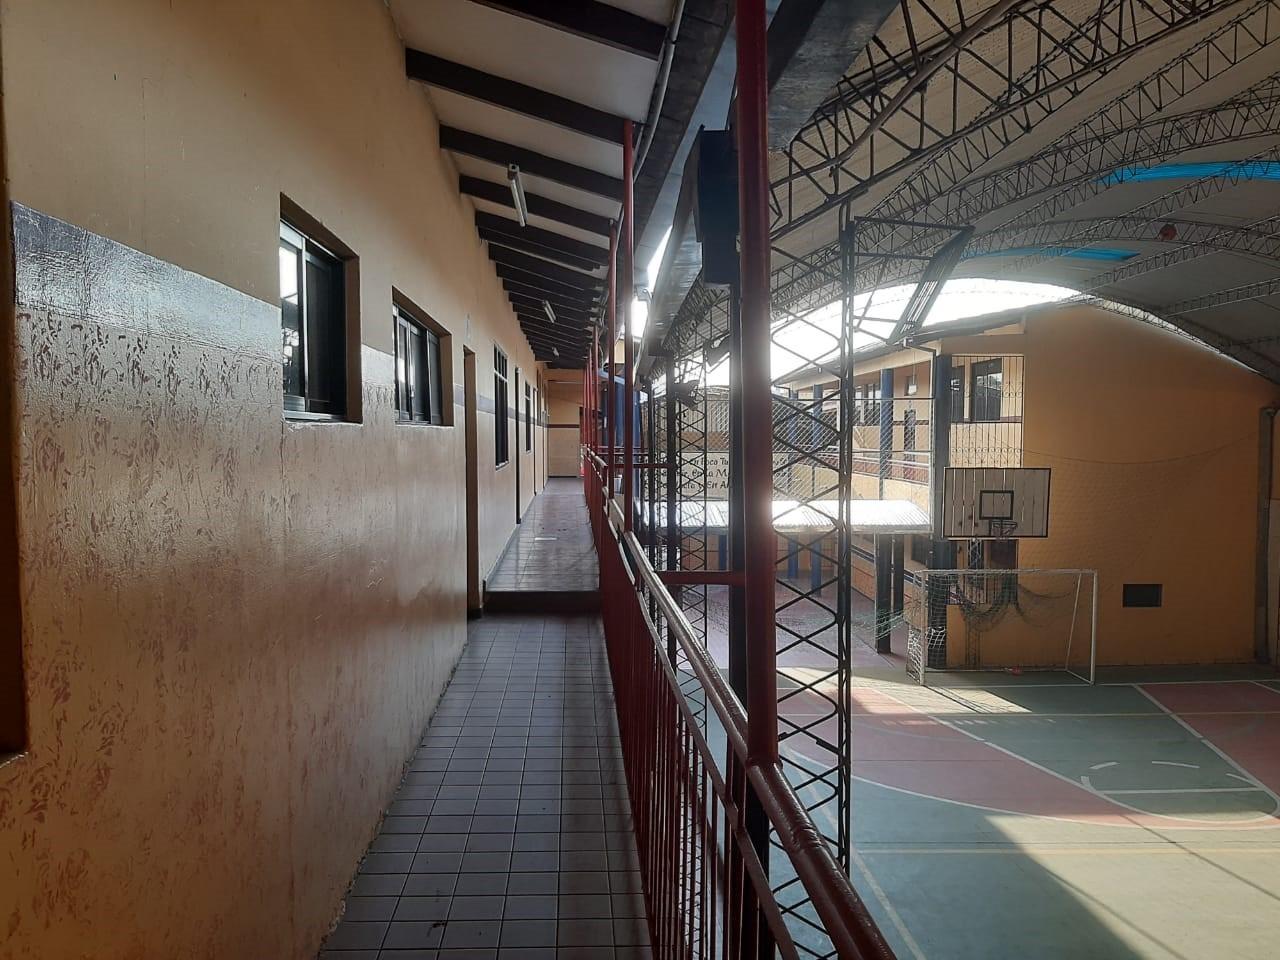 Local comercial en Venta 1ER ANILLO OMAR CHAVEZ DIAGONAL A LA RAMADA  Foto 20